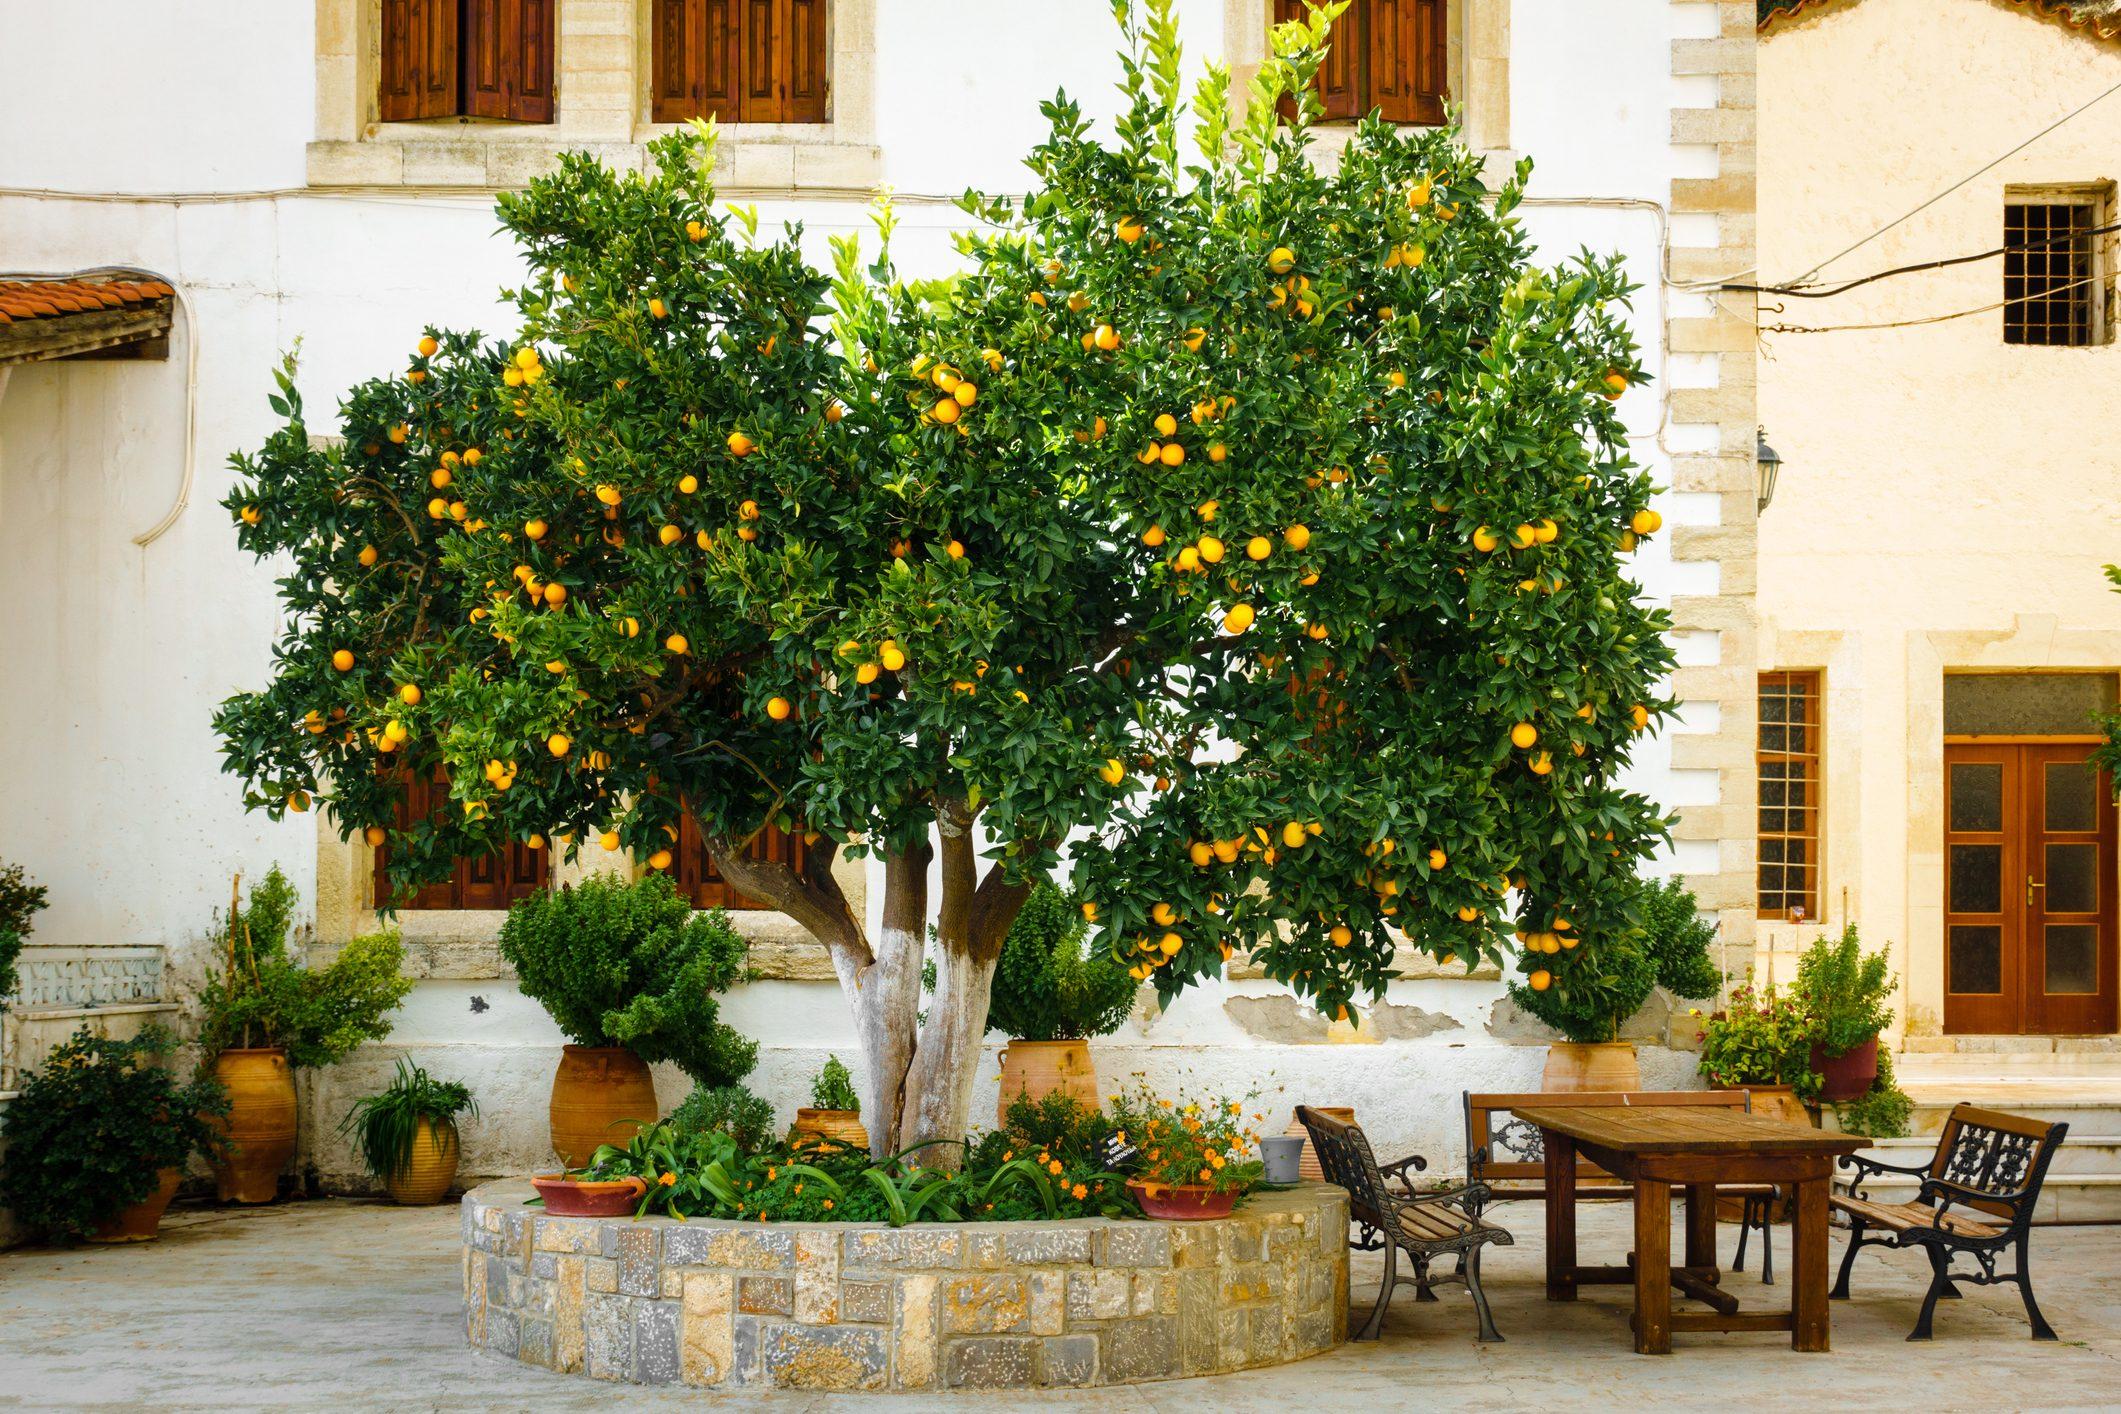 Alberi Ornamentali Da Giardino come coltivare l'albero di arancio in giardino, oppure sul